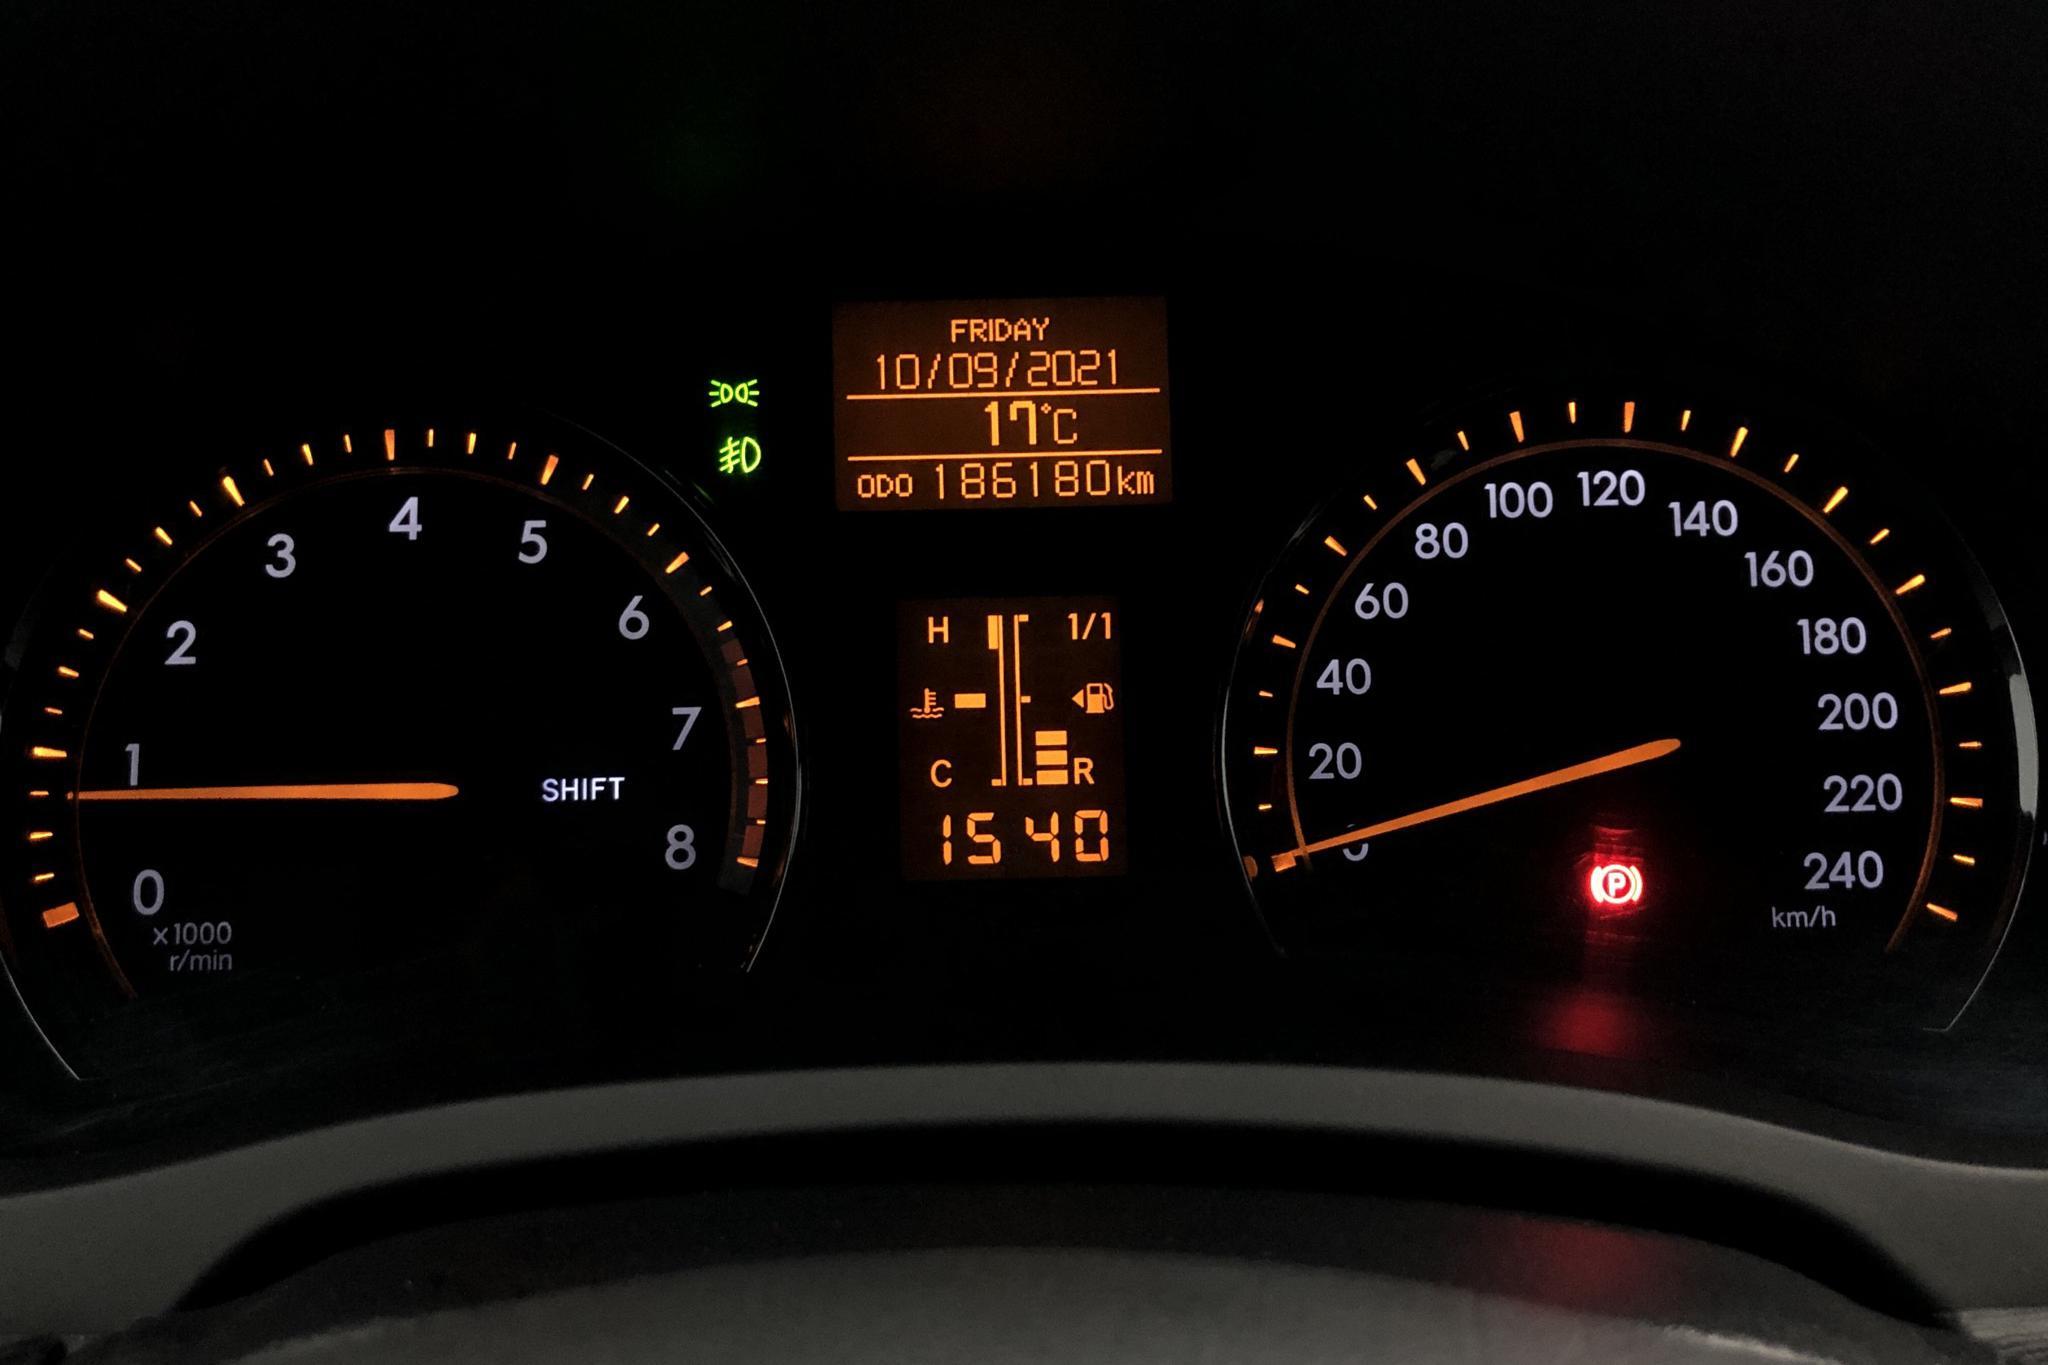 Toyota Avensis 1.8 Kombi (147hk) - 186 180 km - Manual - Dark Blue - 2010